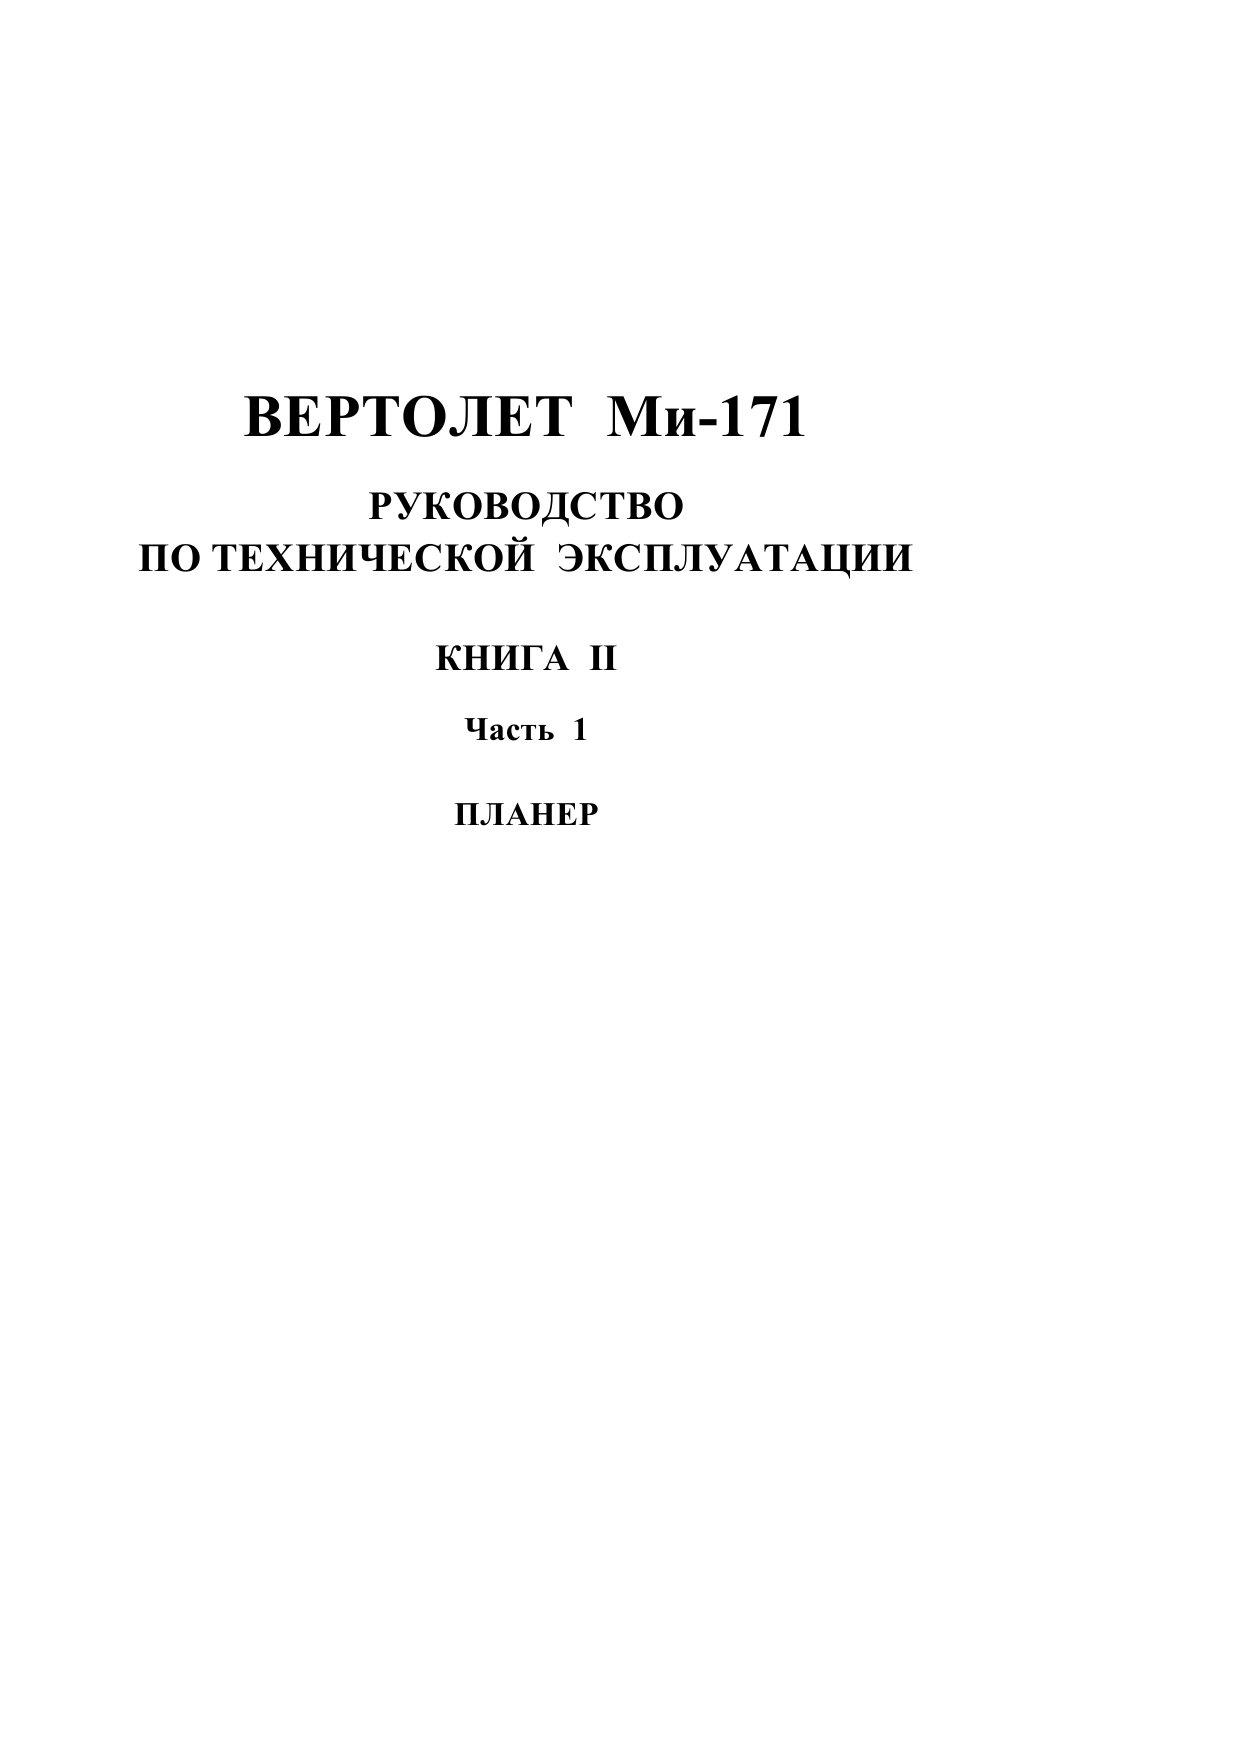 Обложка книги Ми-171.Винты вертолета.(Книга 2. часть 1) (Коллектив авторов)